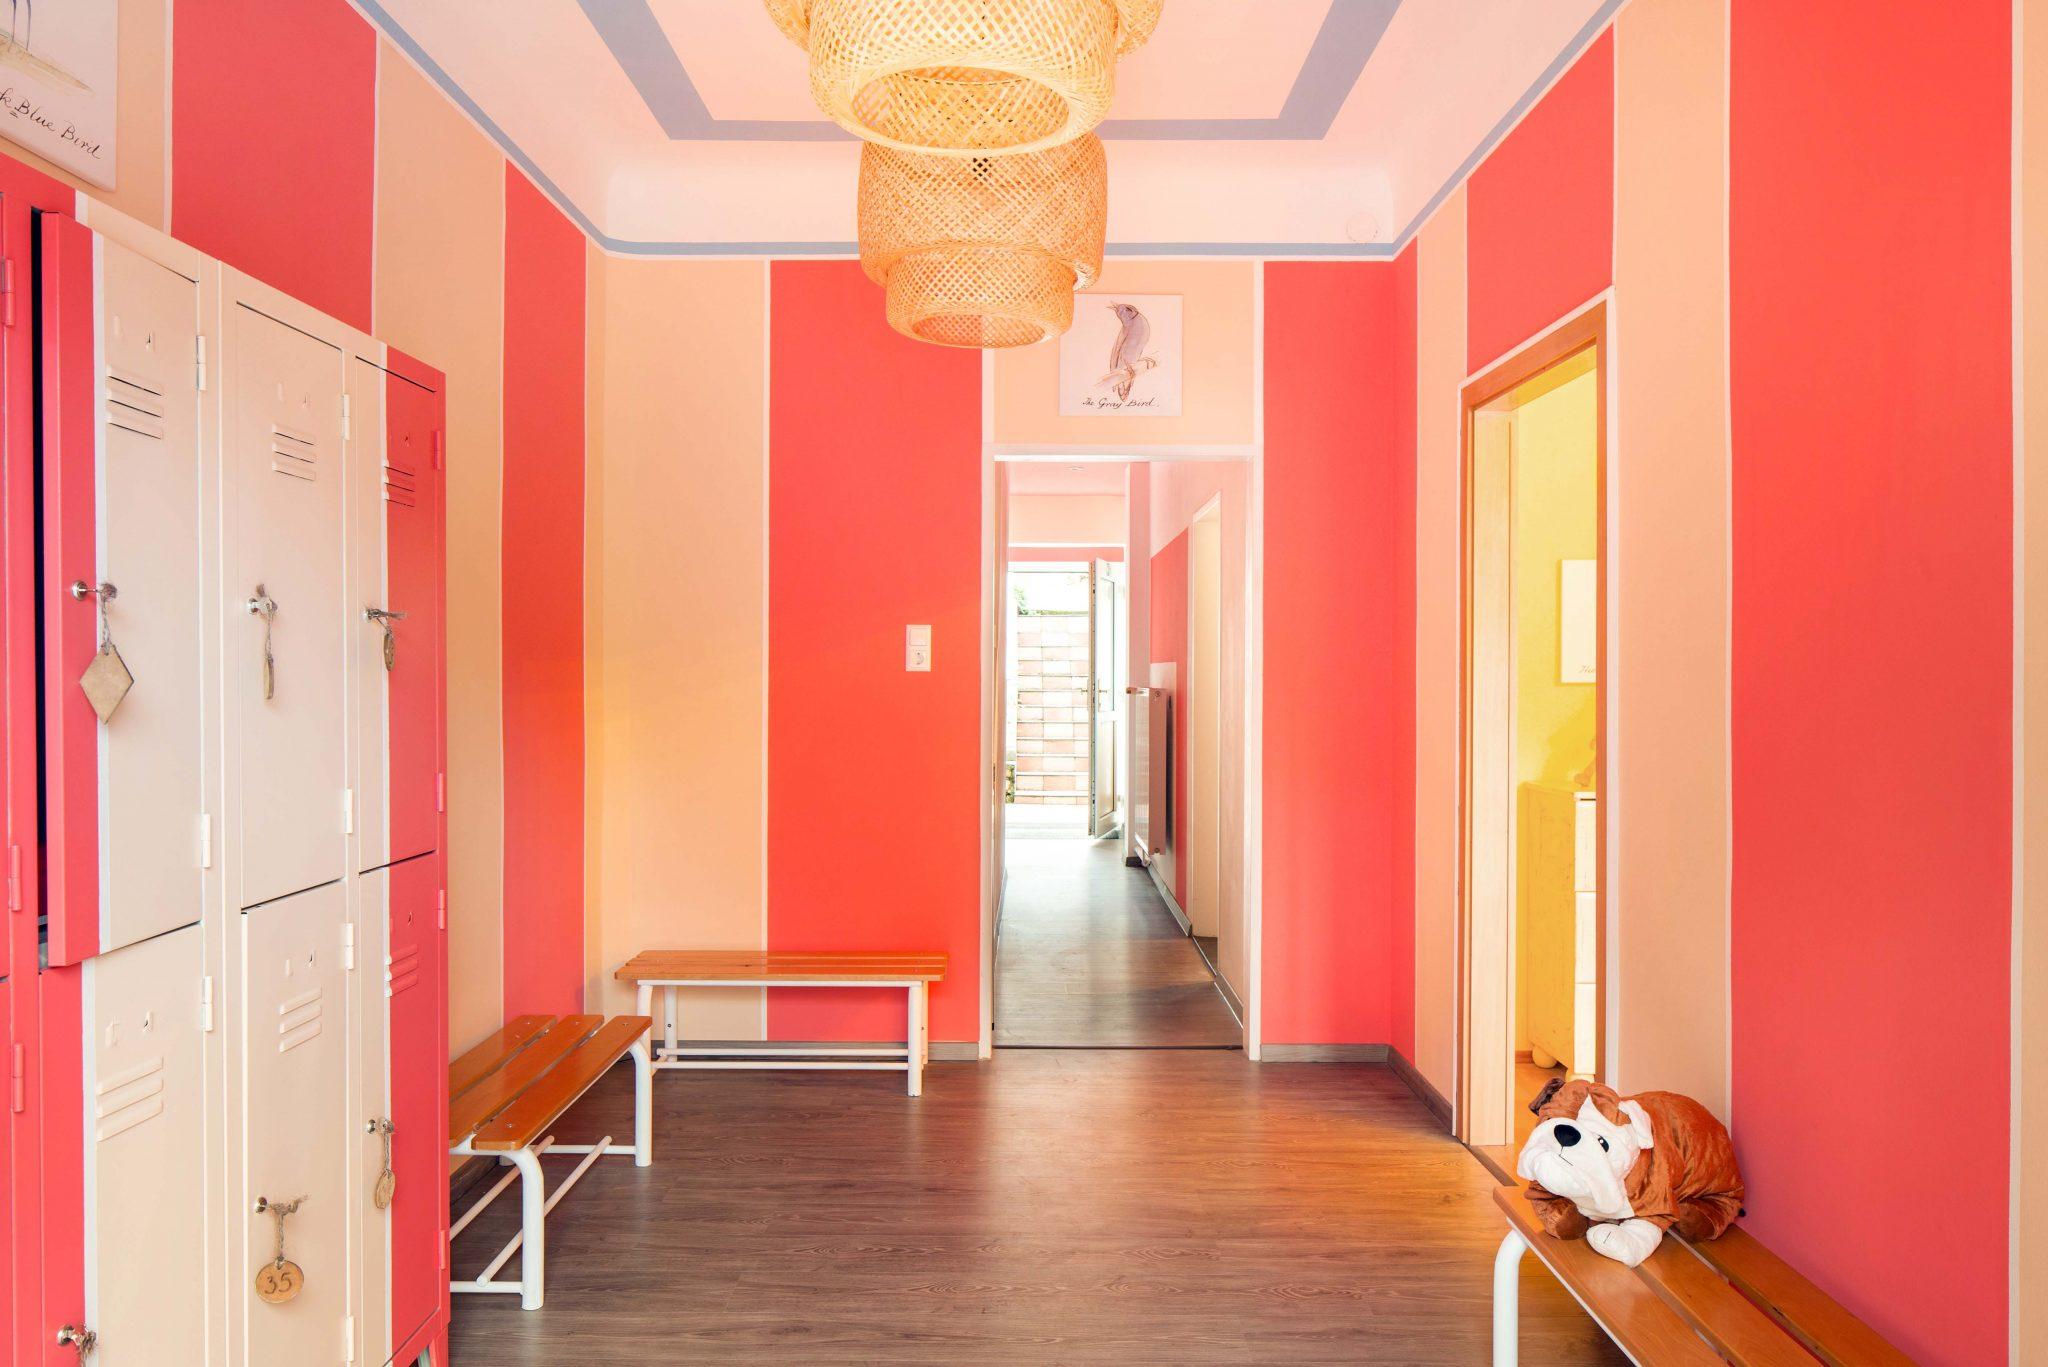 Eingangsbereich mit Garderobe und Wandfarbe in Gelb und Orange.